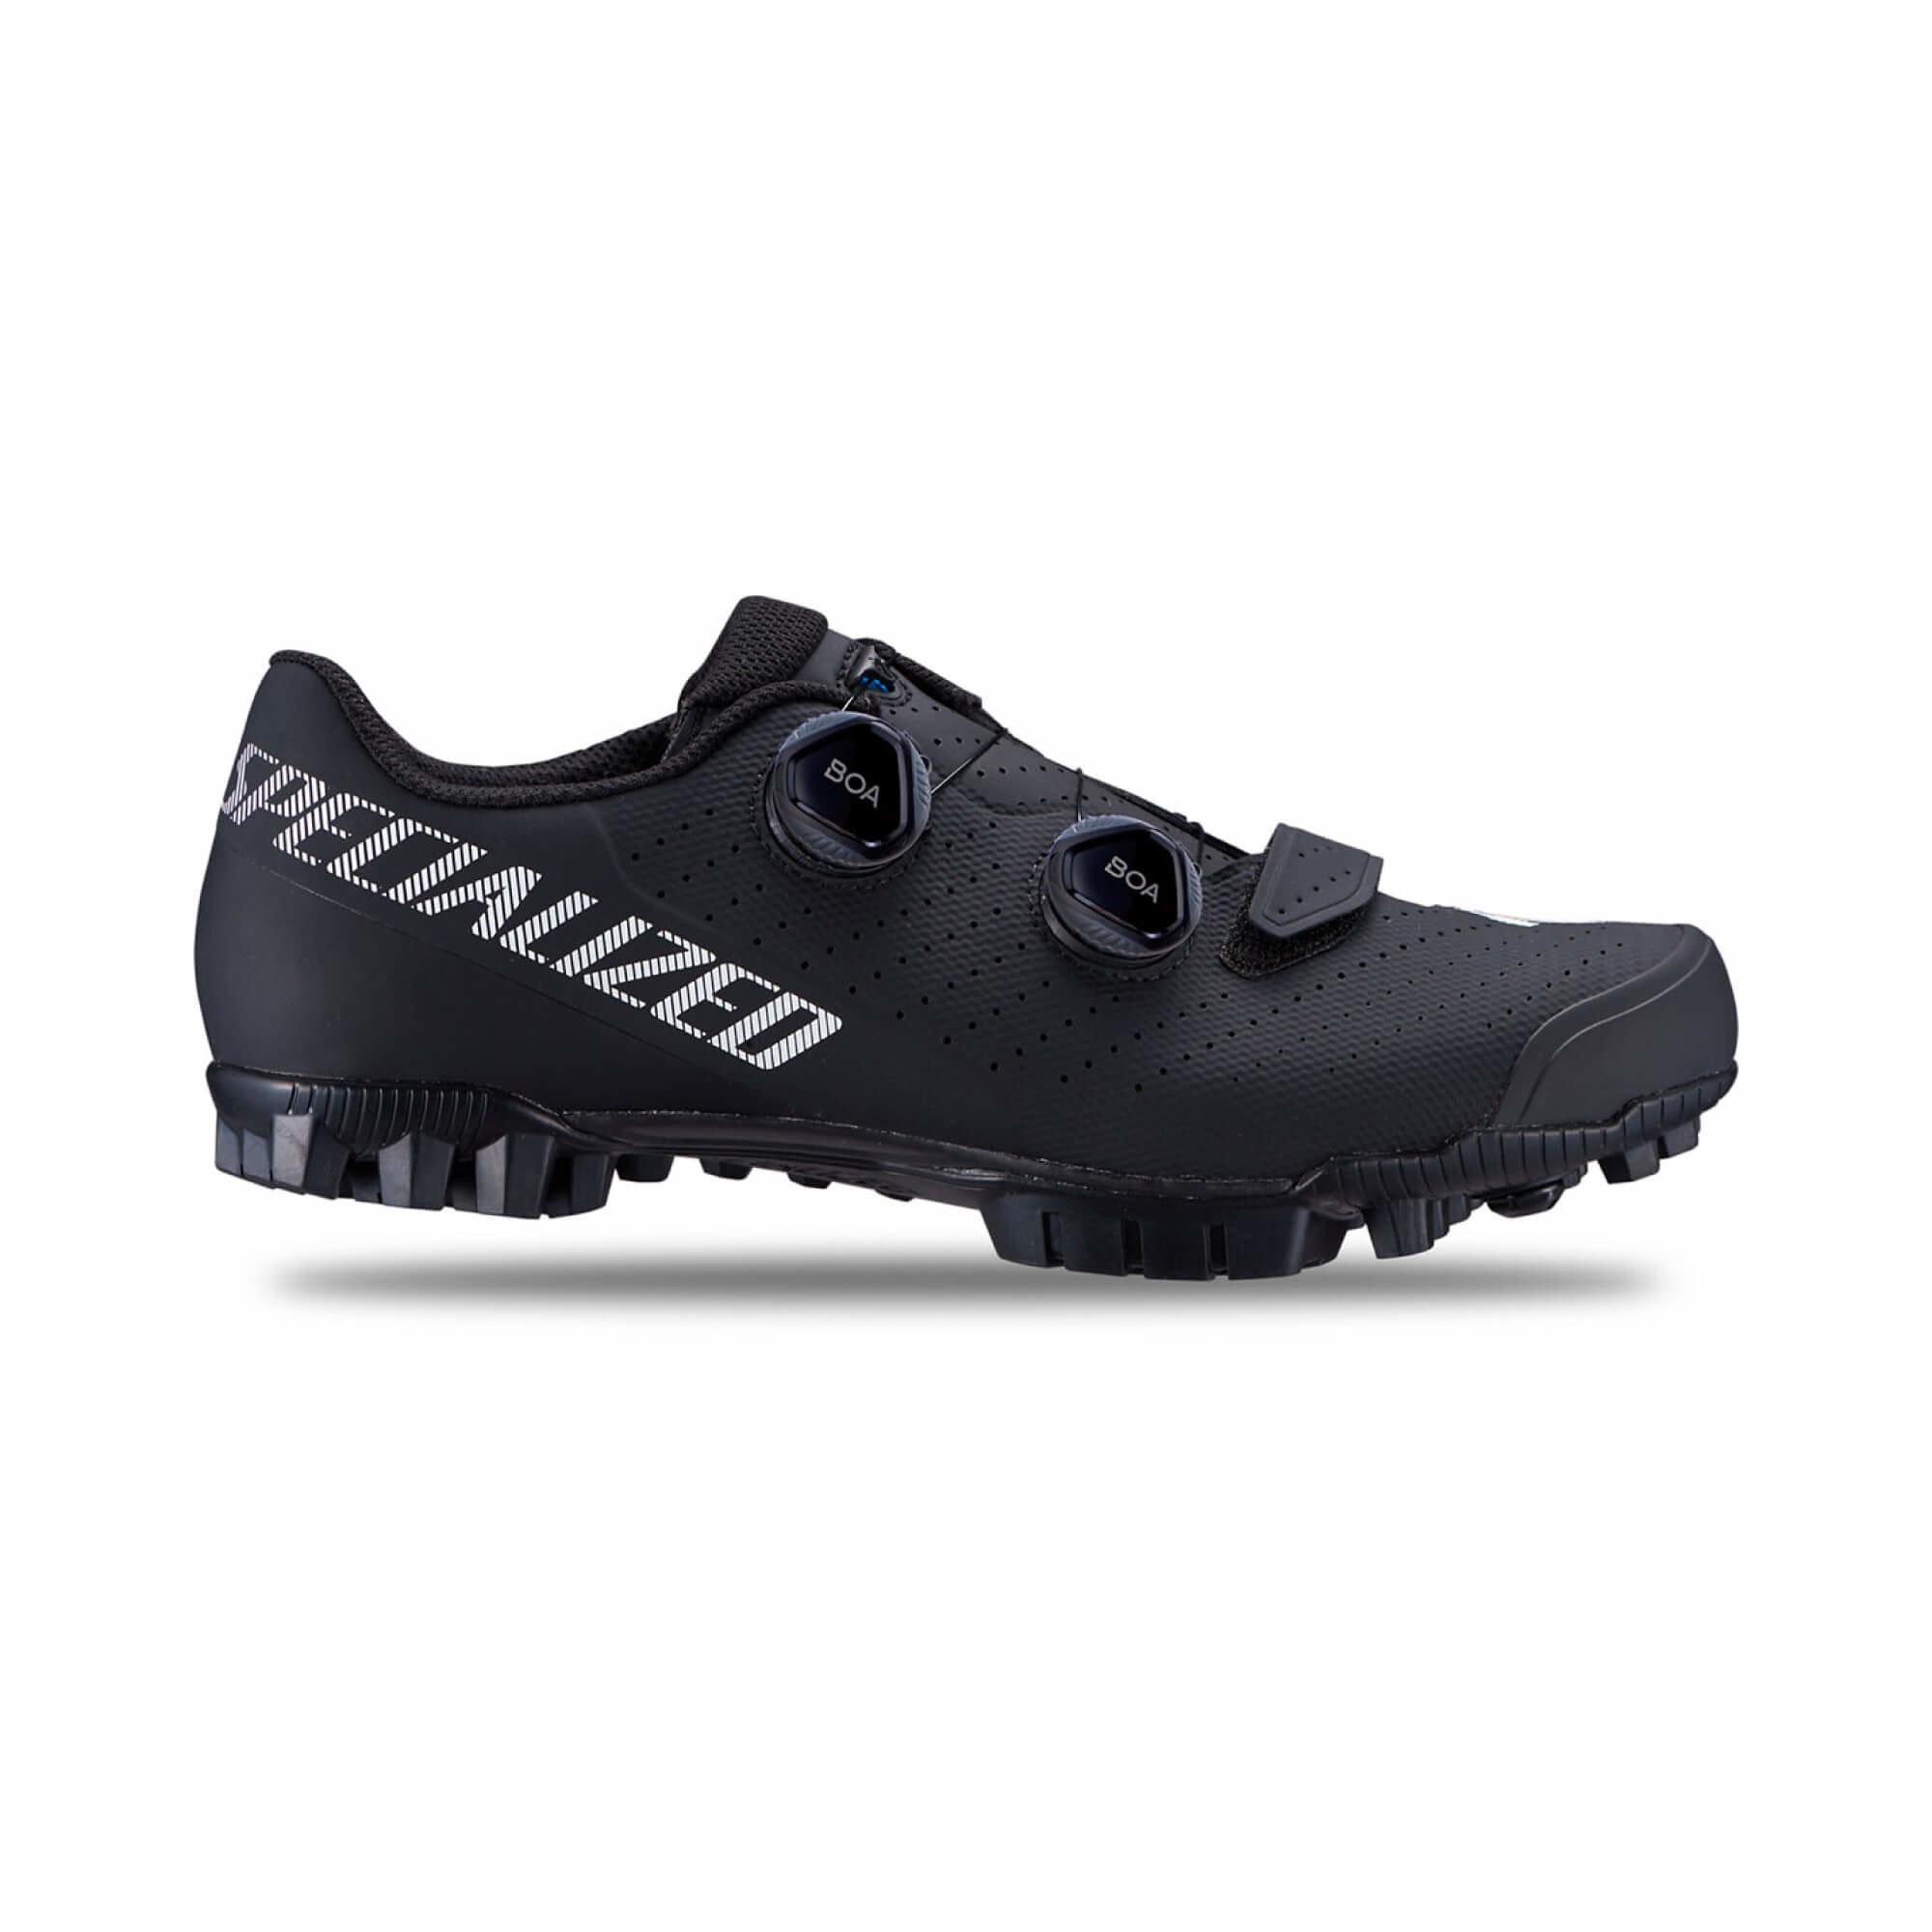 Recon 3.0 Mountain Bike Shoes-9